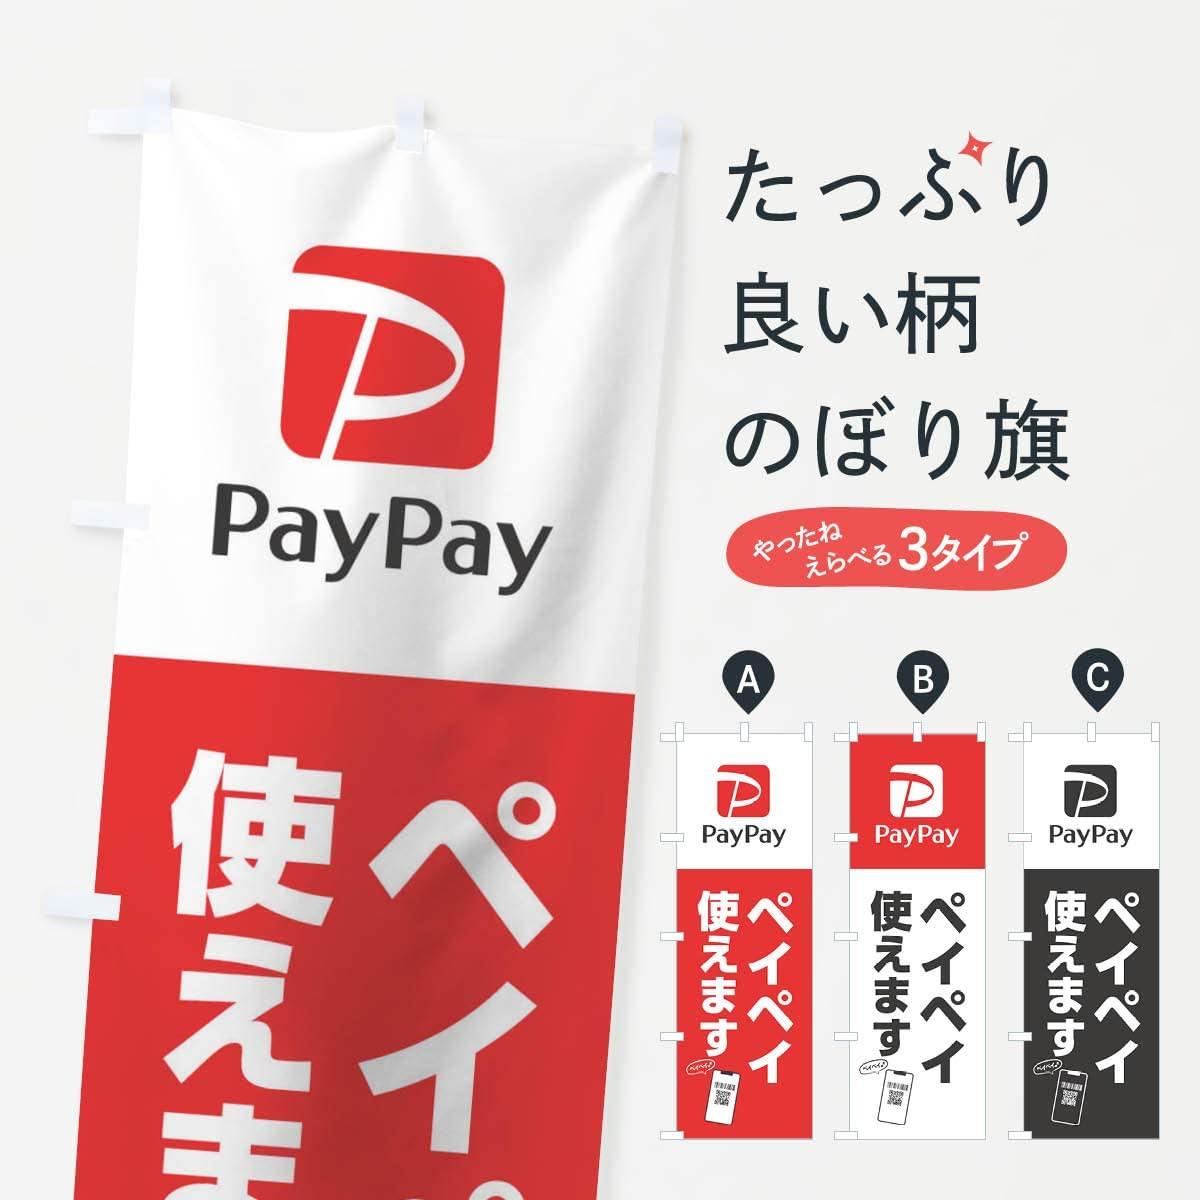 【画像】ぶっちゃけPayPay銀行やPayPayカード程度で騒いでる奴らって「浅い」よな・・・これ見てみ